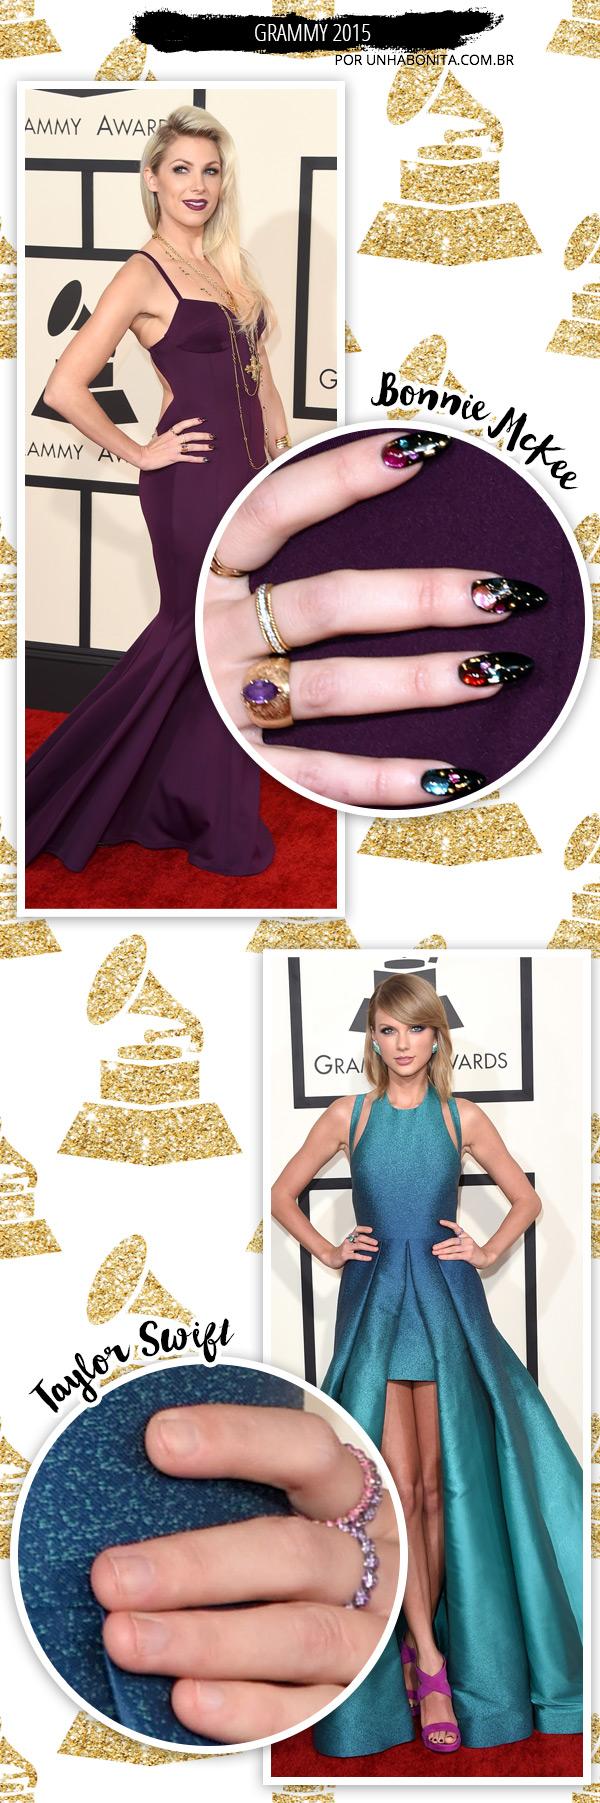 Bonnie-McKee-taylow-swift--grammy-2015-manicure